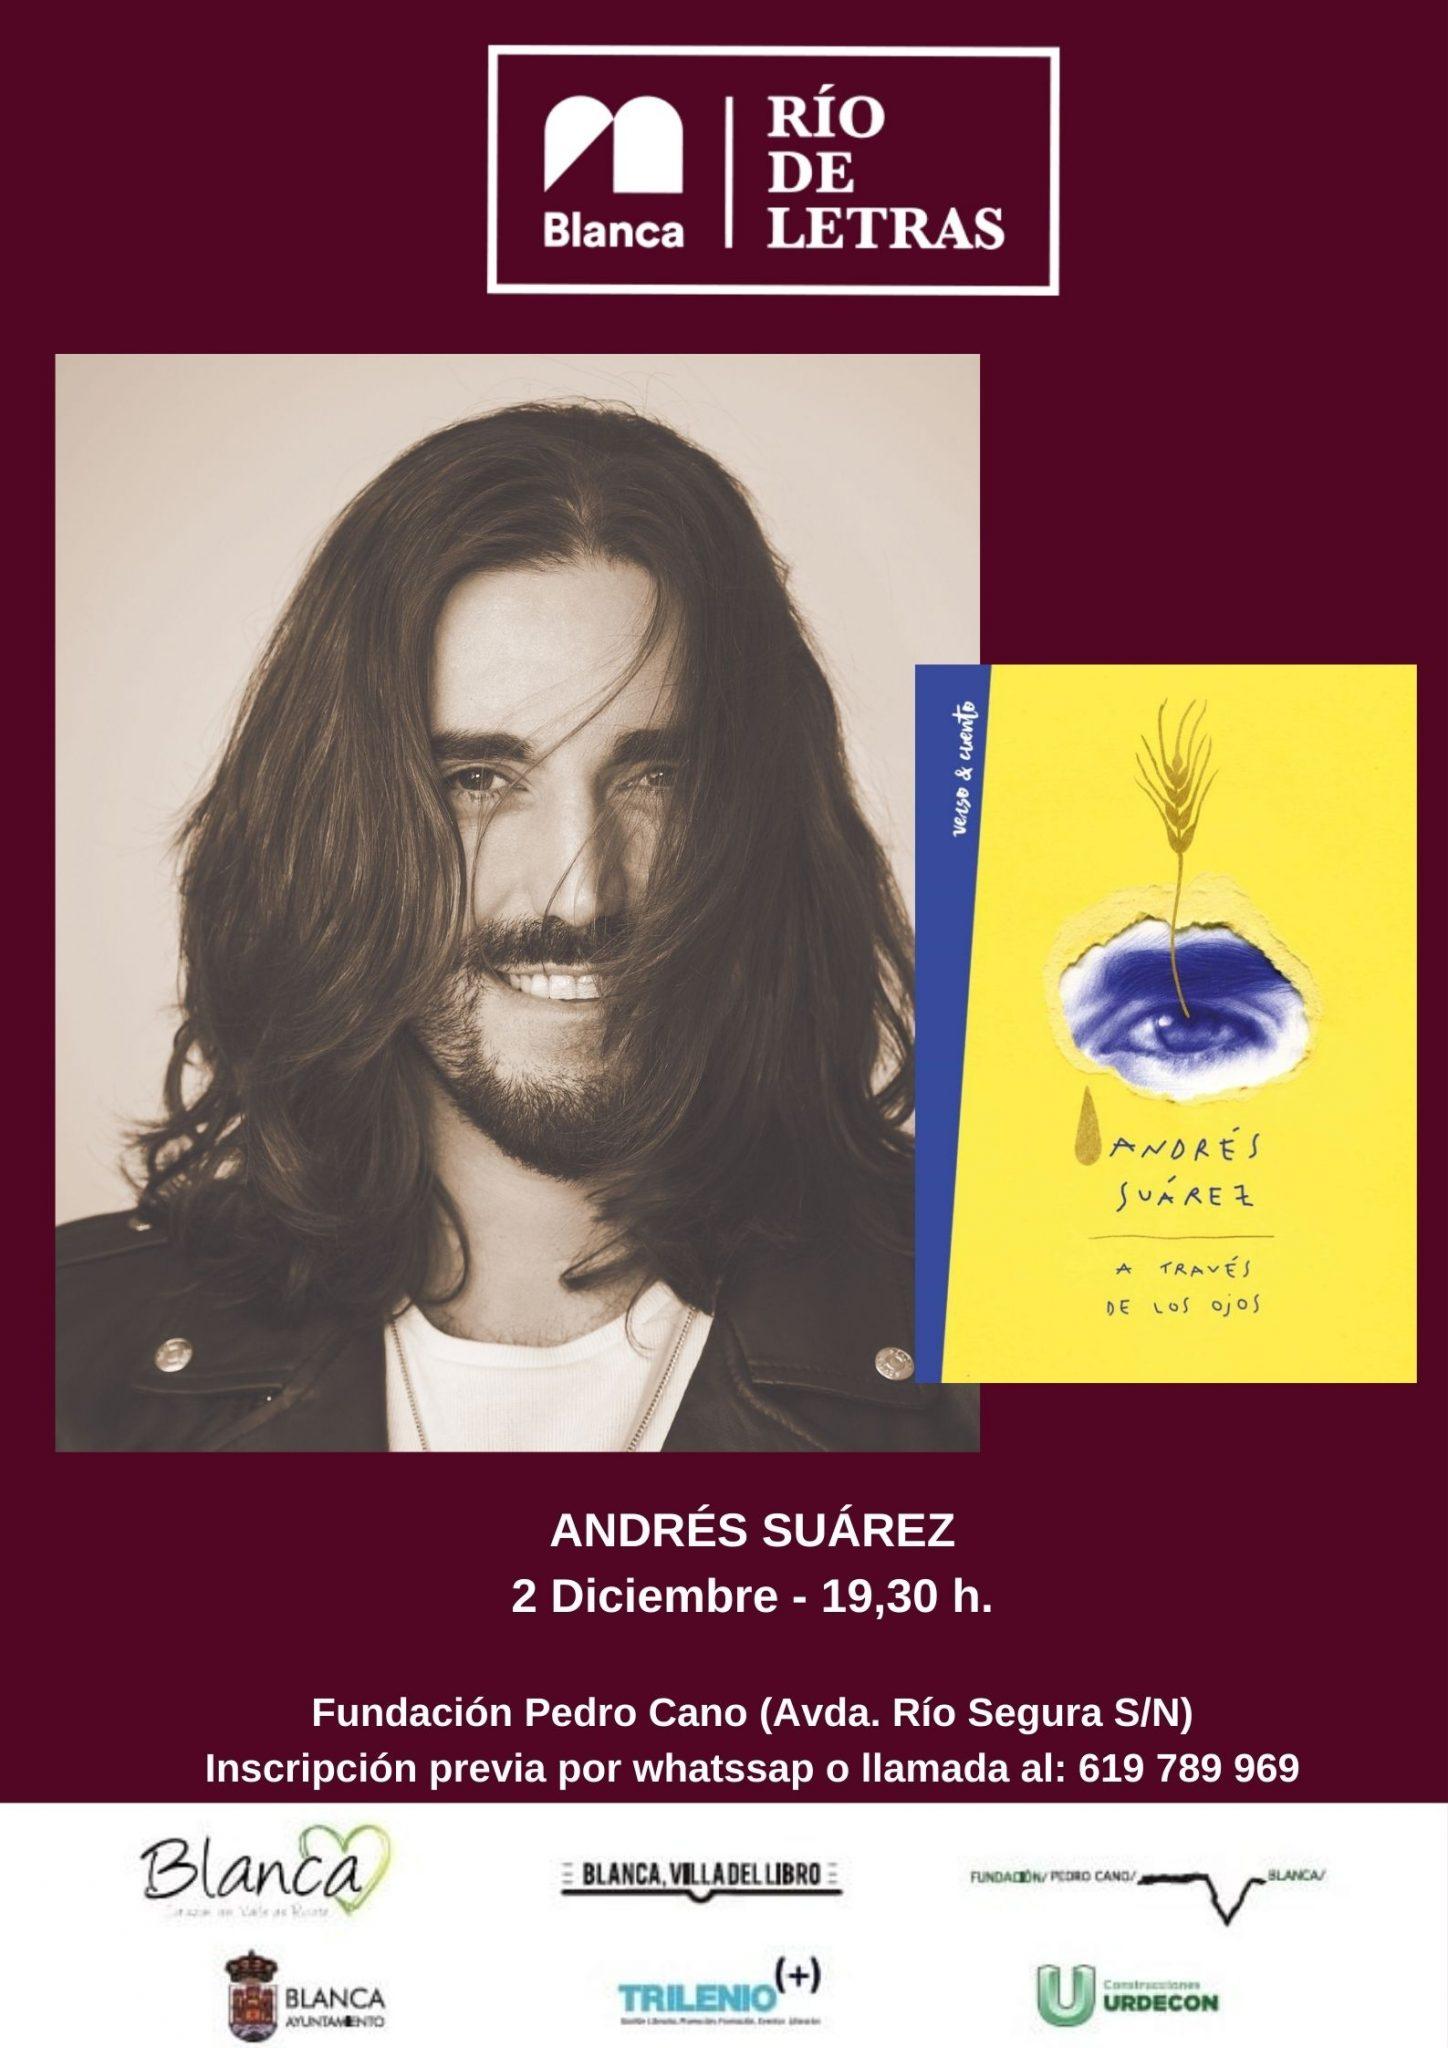 Andres-Suarez-1448x2048.jpg